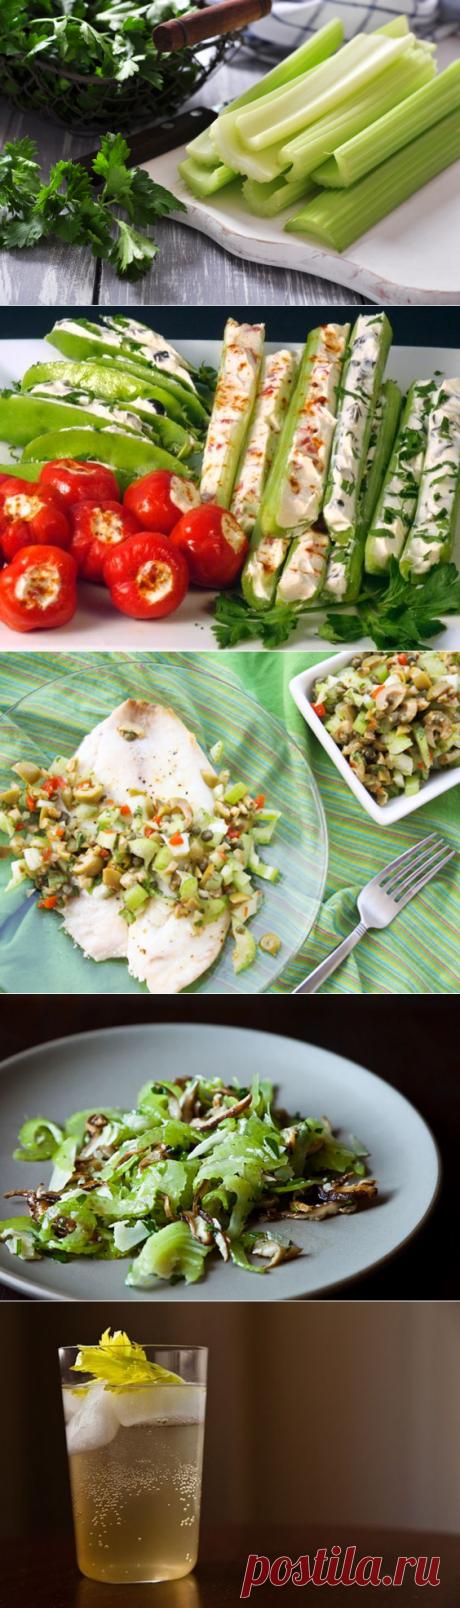 Удивительные полезные свойства сельдерея (+5 рецептов освежающих блюд)